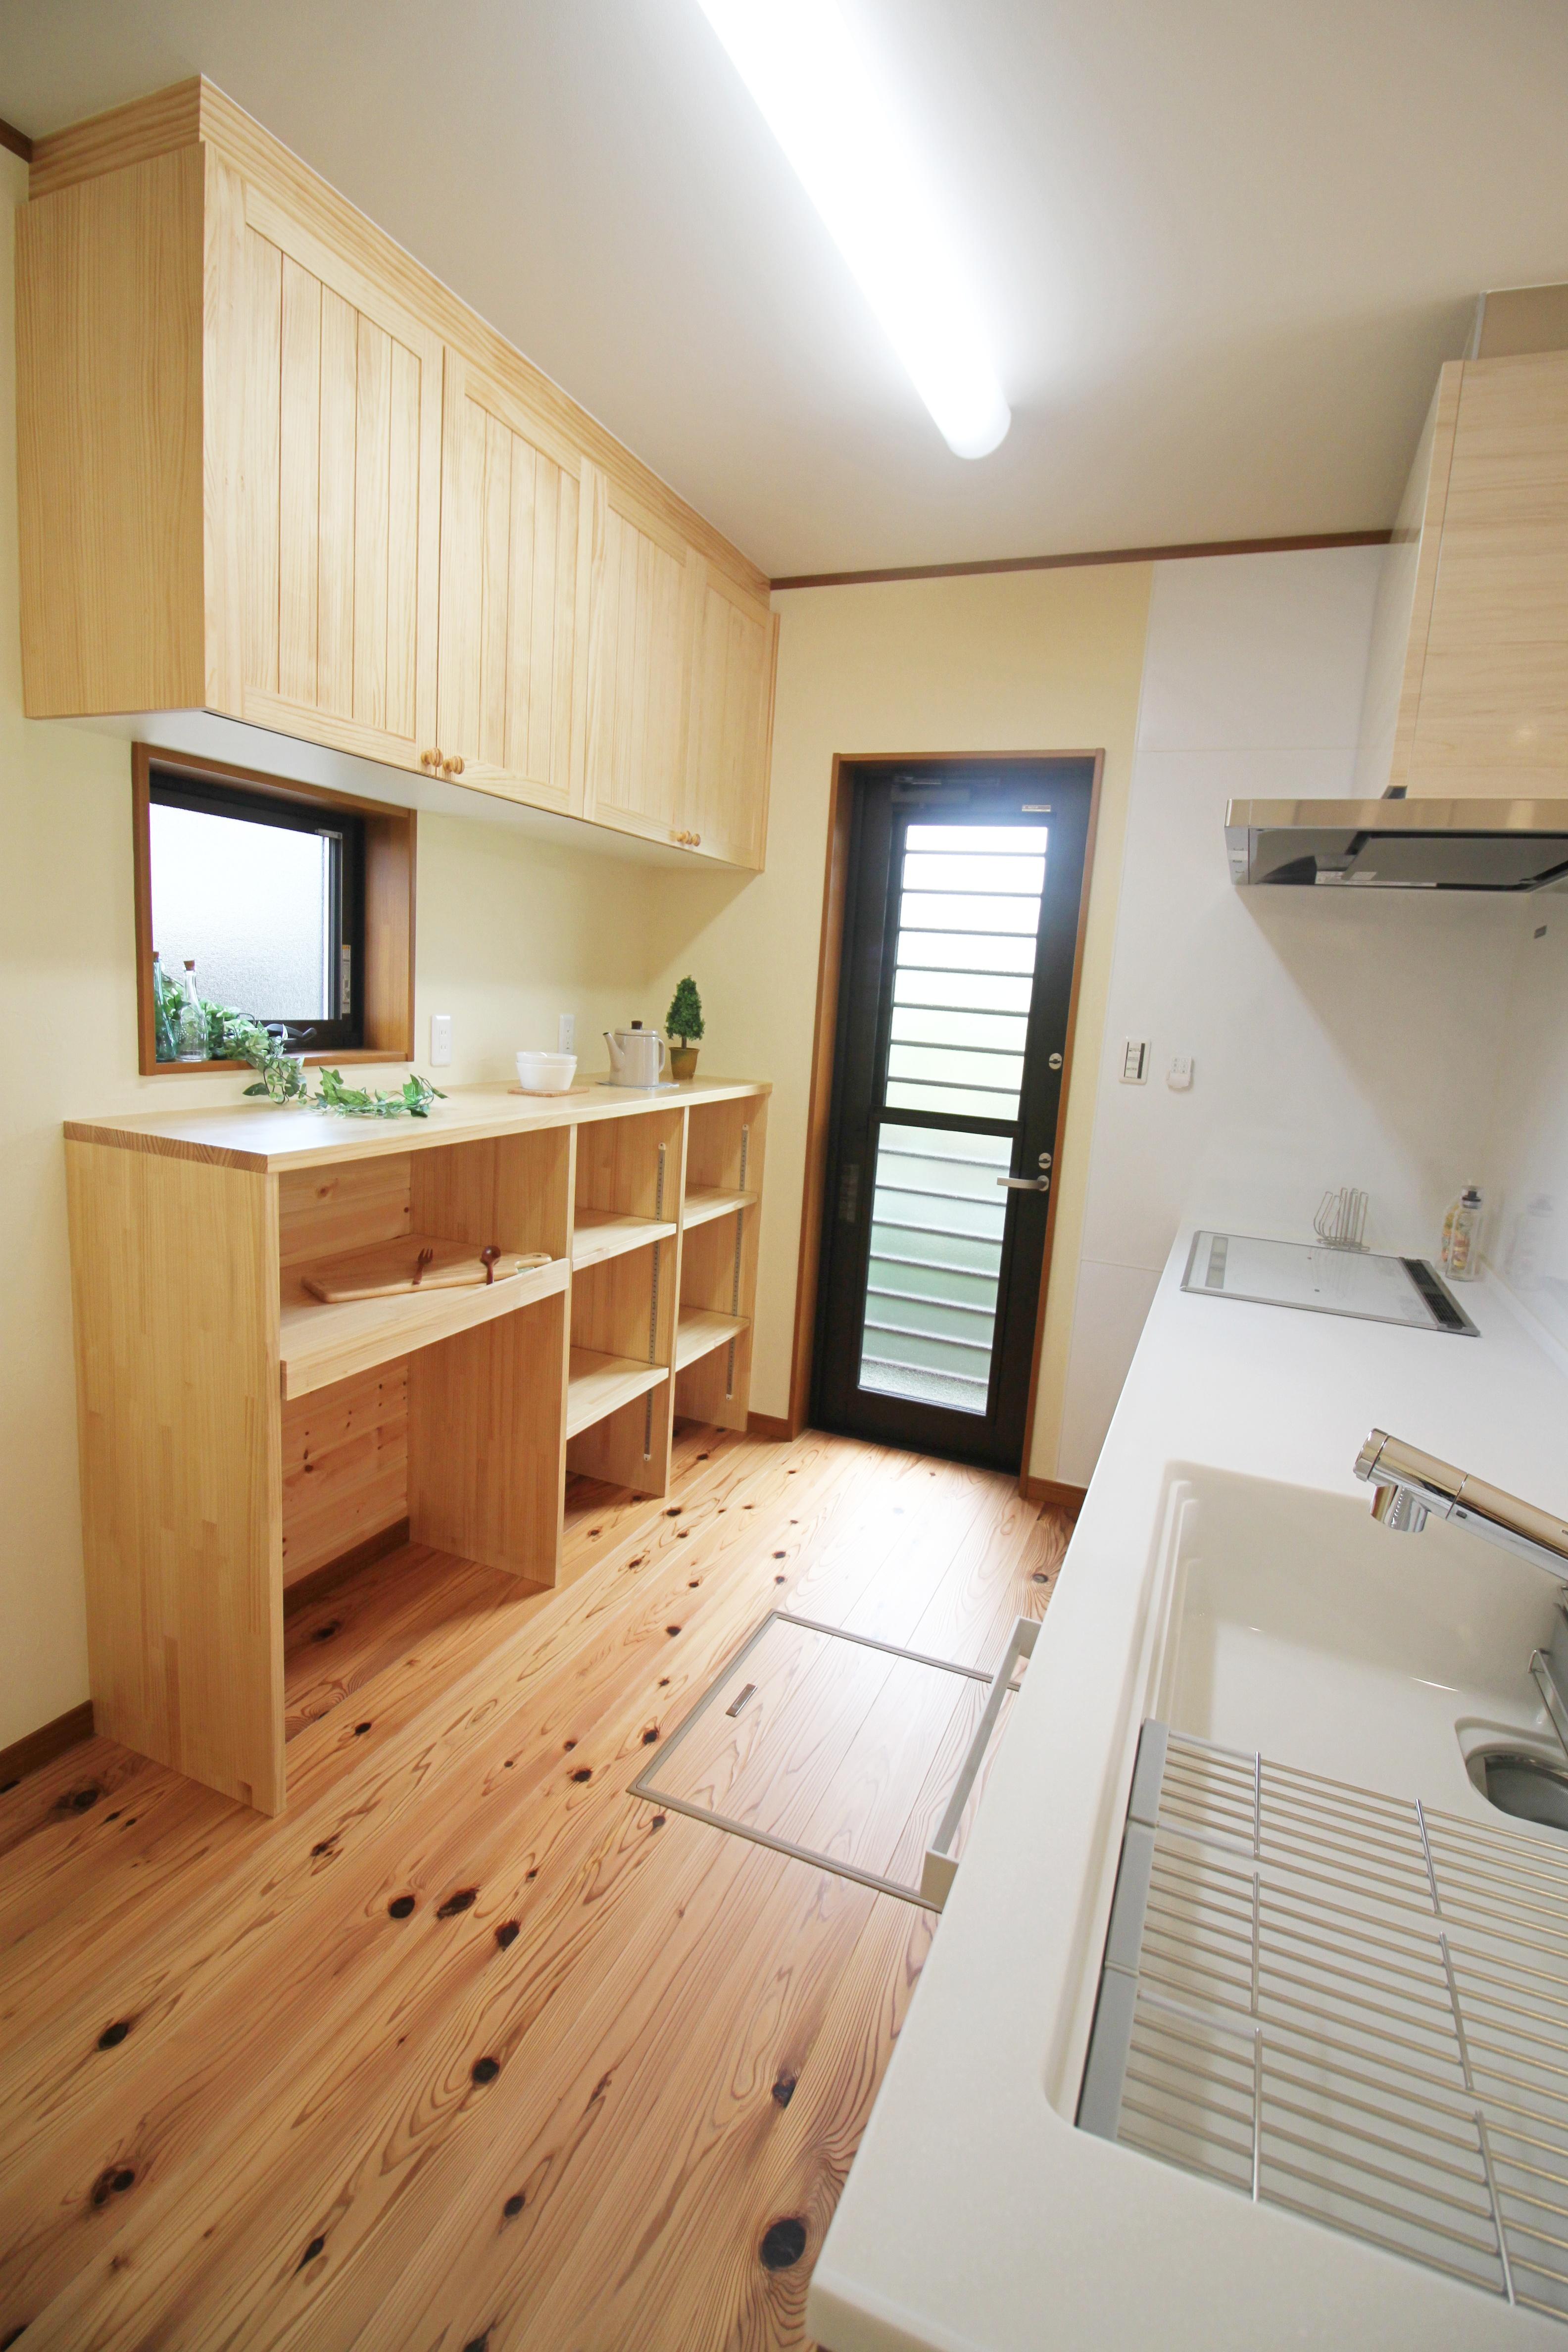 木の匂いに包まれる全室天然素材の2階建て